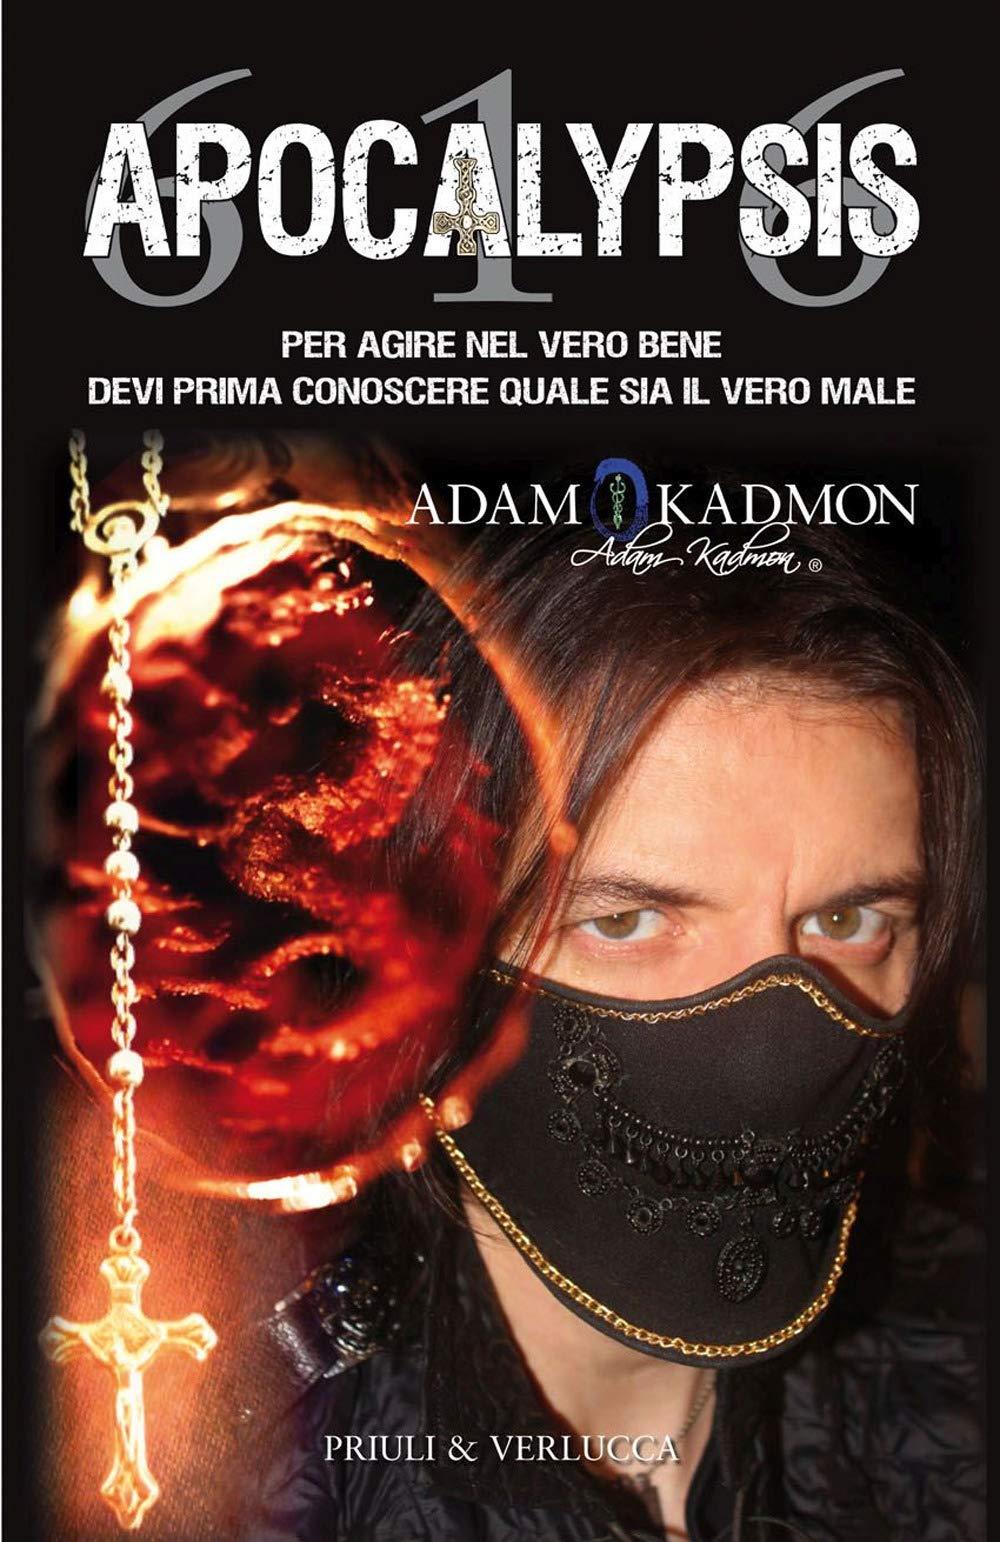 APOCALYPSIS 616 : IL NUOVO PROFETICO LIBRO di ADAM KADMON !!!